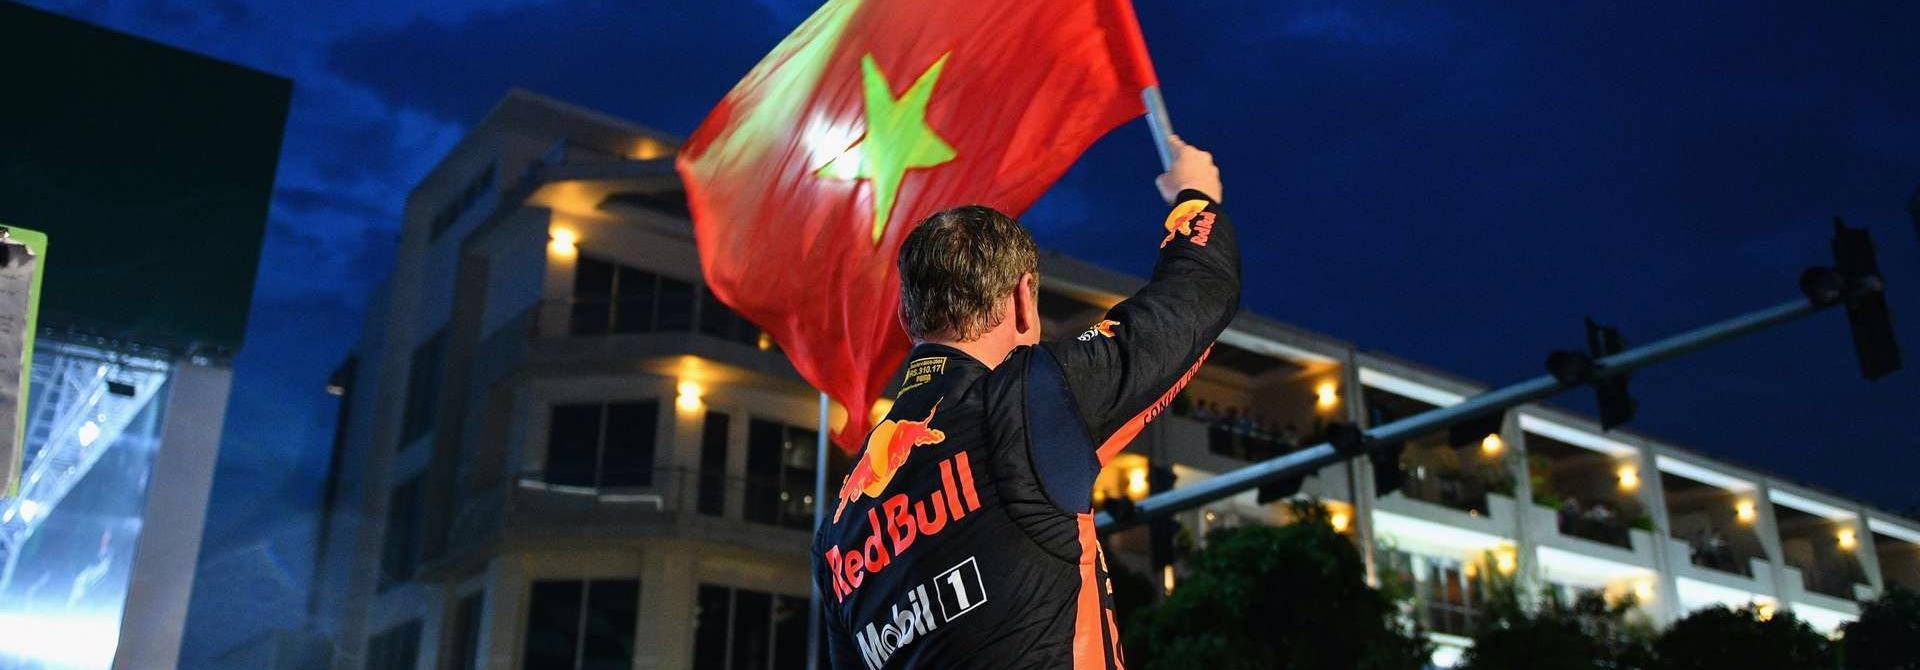 Chặng đua F1 Hà Nội sẽ diễn ra vào 22/11?